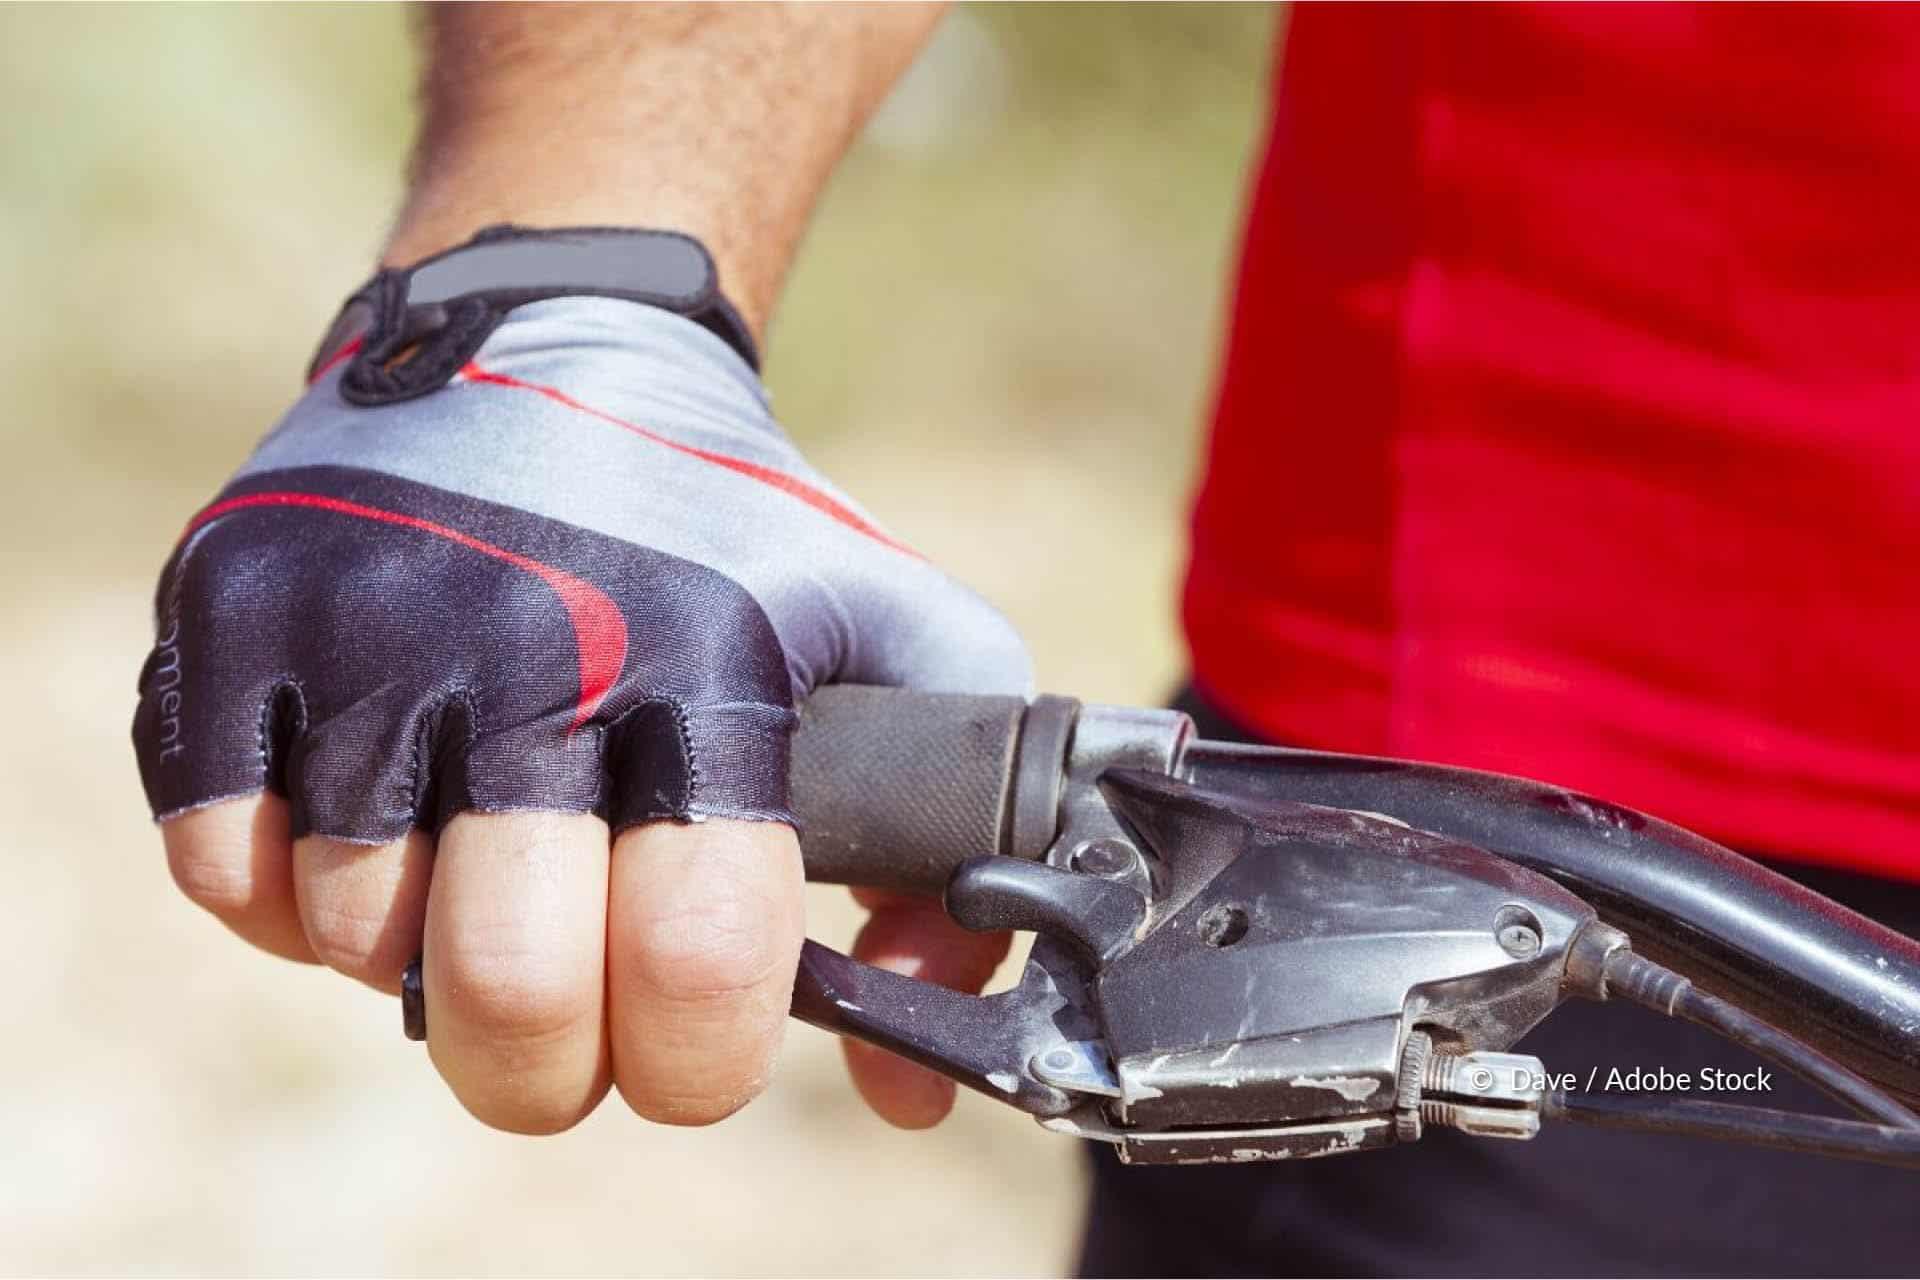 nettoyer les plaquettes de frein d'un vélo